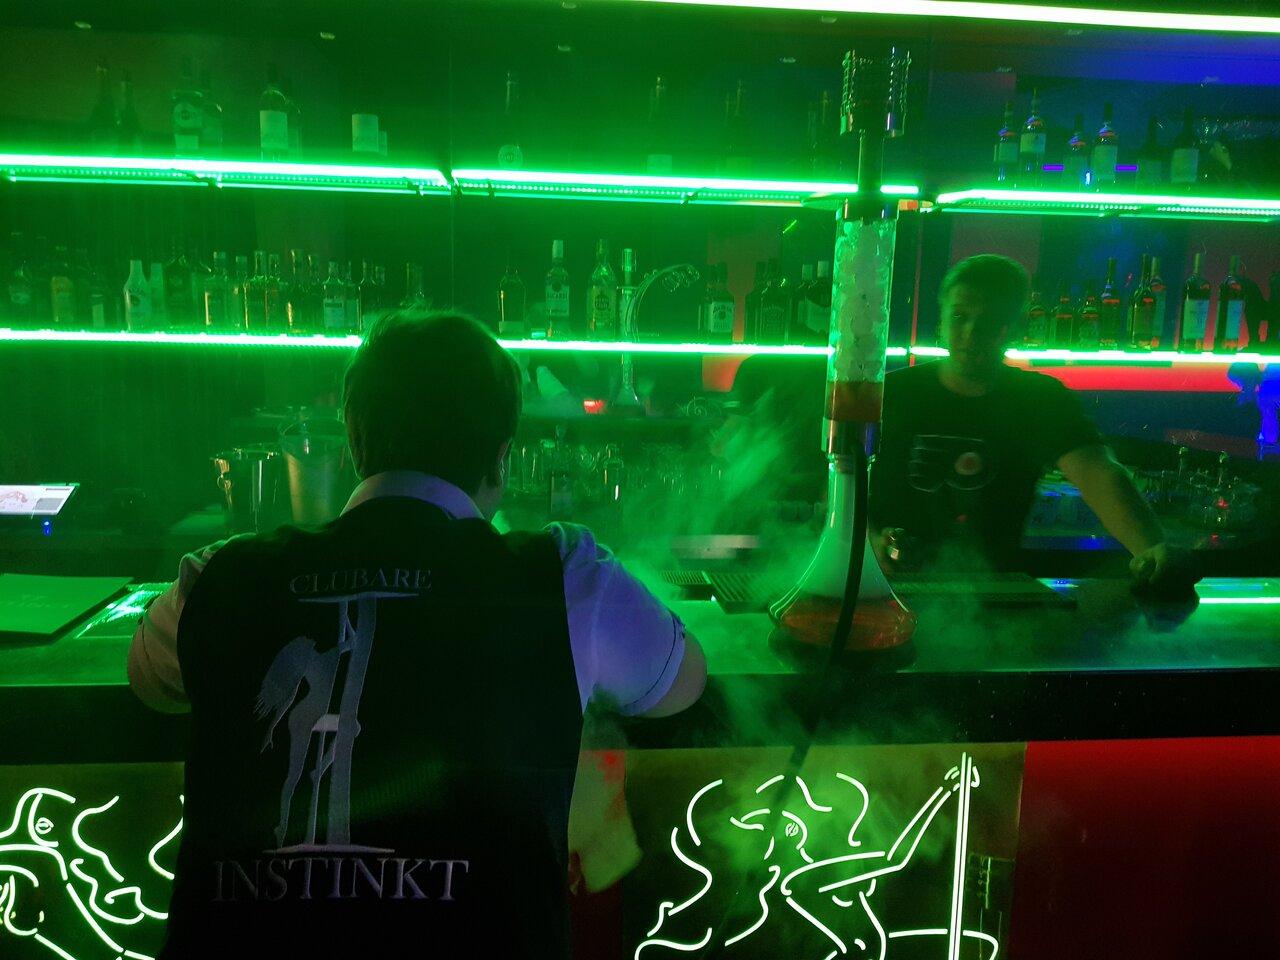 вакансии в ночном клубе краснодар